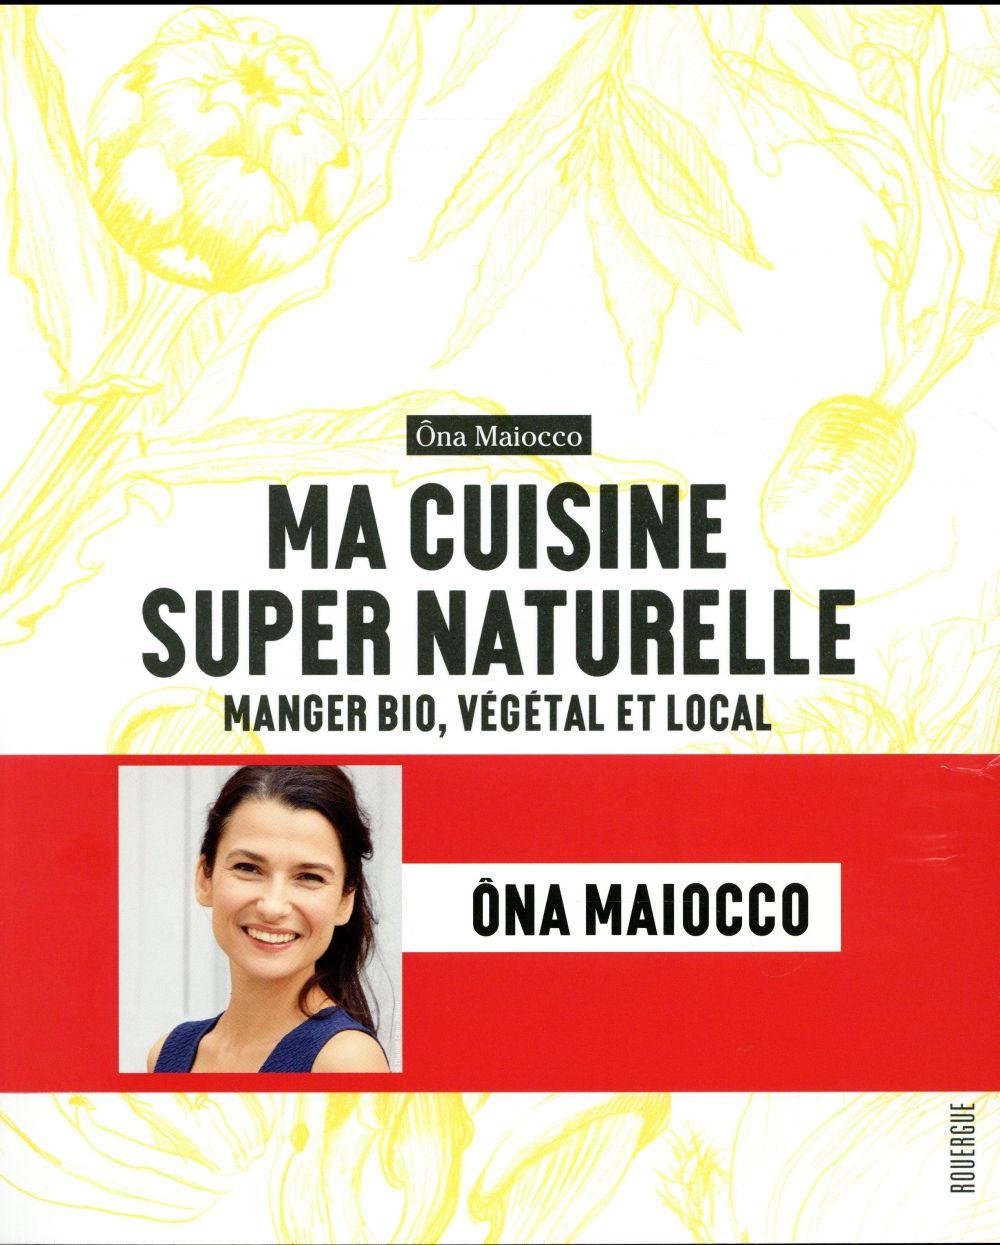 MA CUISINE SUPER NATURELLE